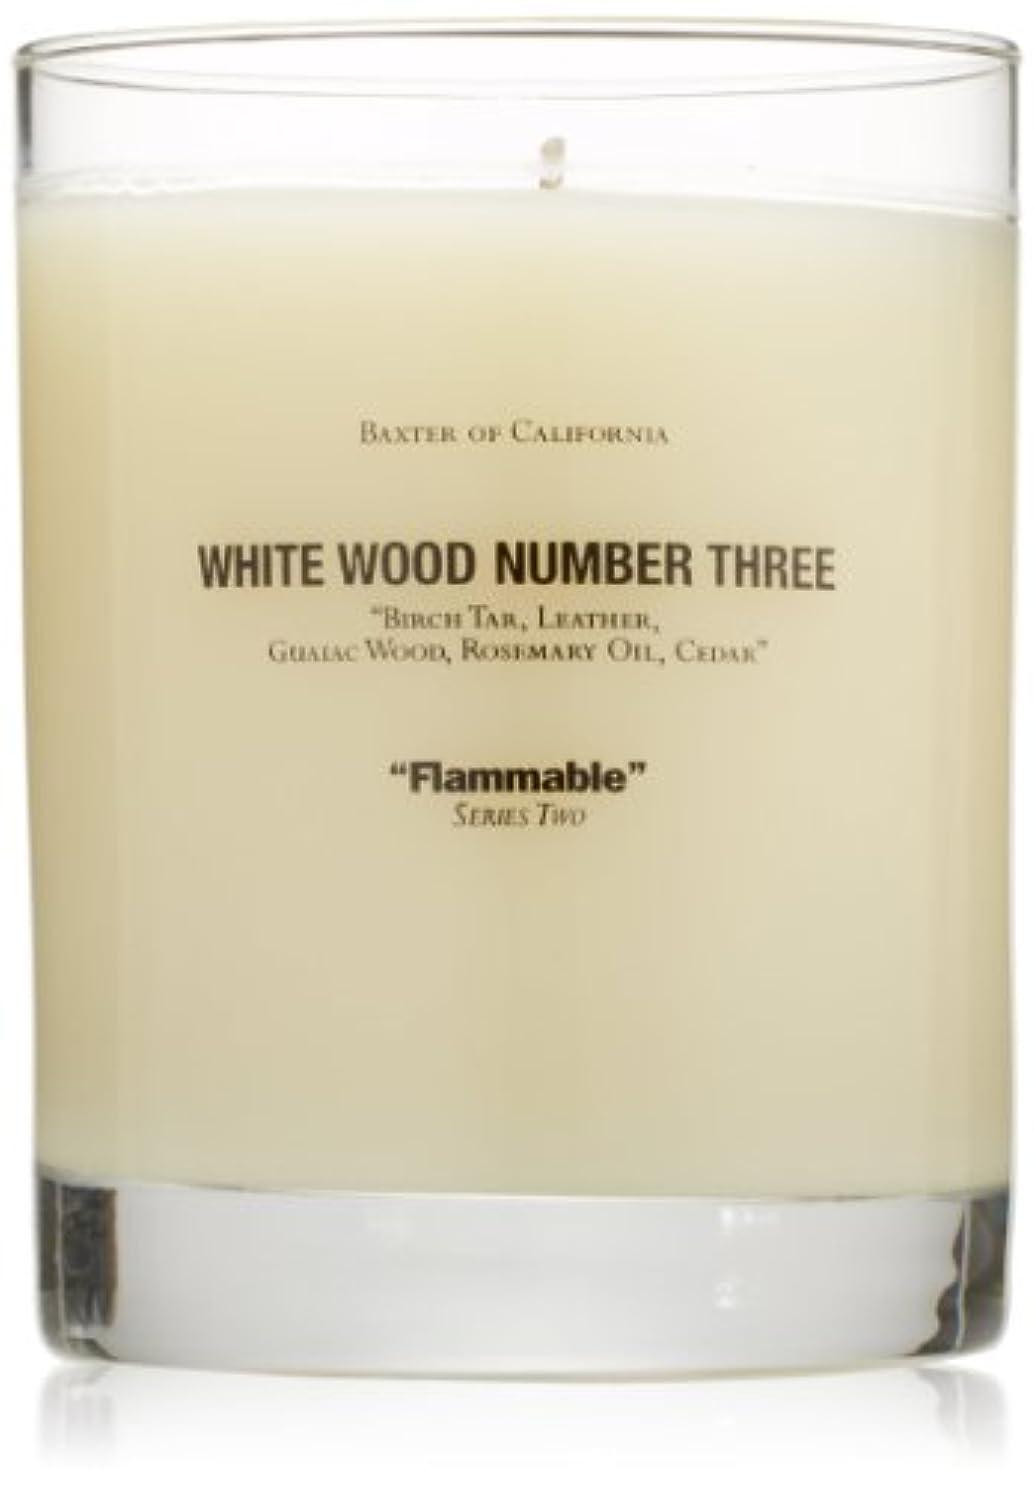 オーバーコートカスタムバルーンBaxter OF CALIFORNIA(バクスター オブ カリフォルニア) ホワイトウッドキャンドルthree 255g